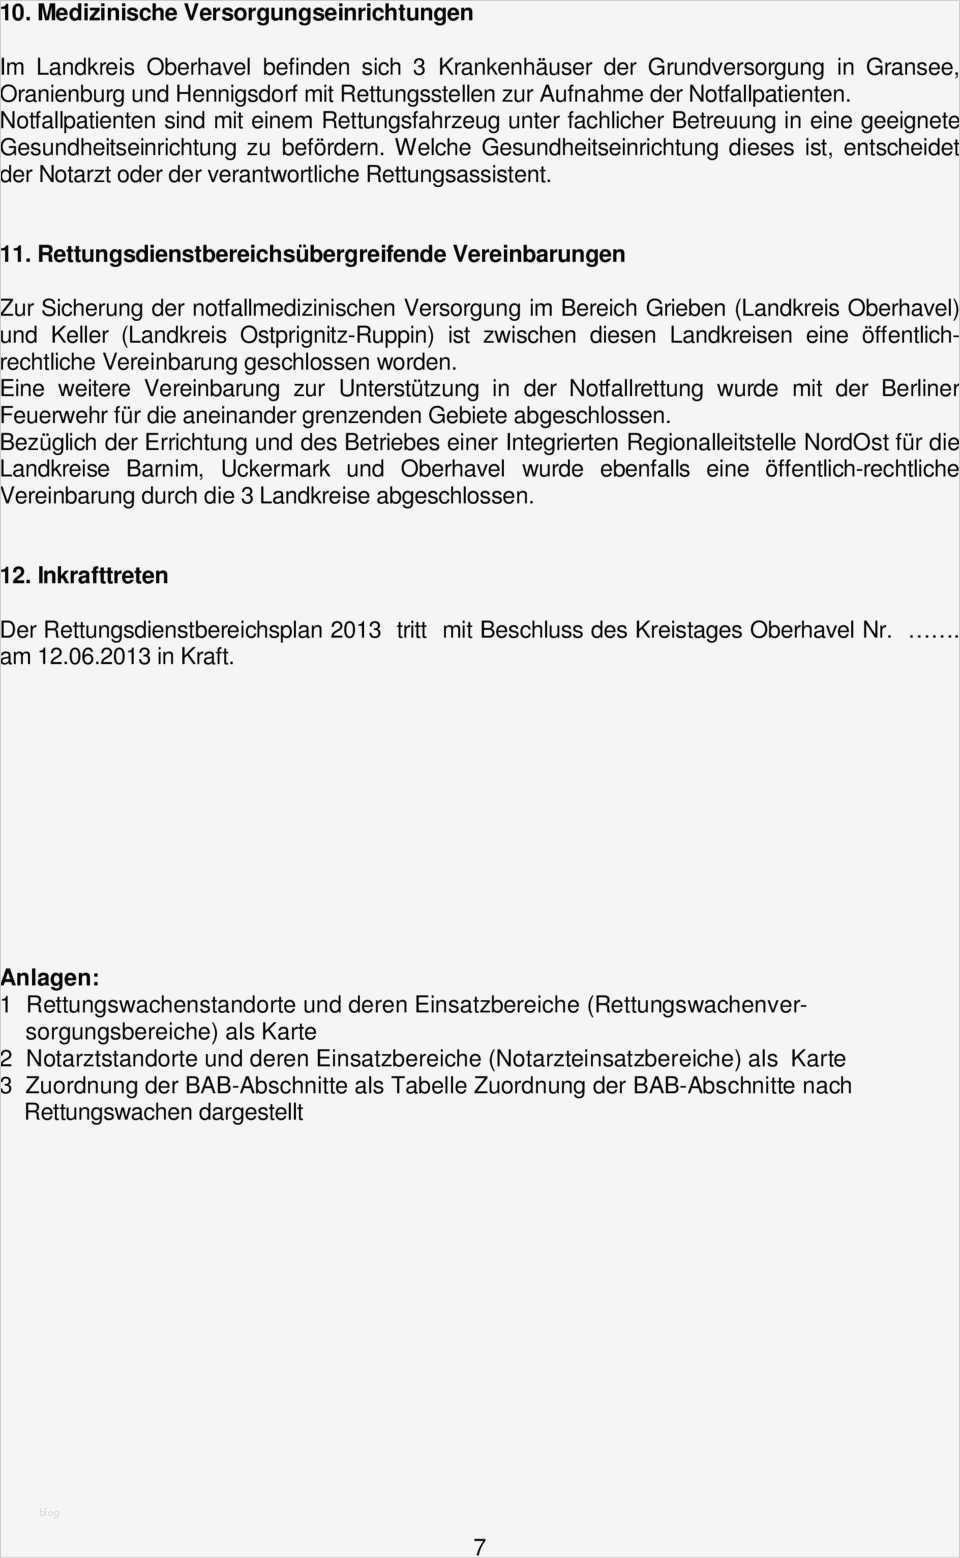 Schriftliche Vereinbarung Arbeitszeitkonto Vorlage Genial ...